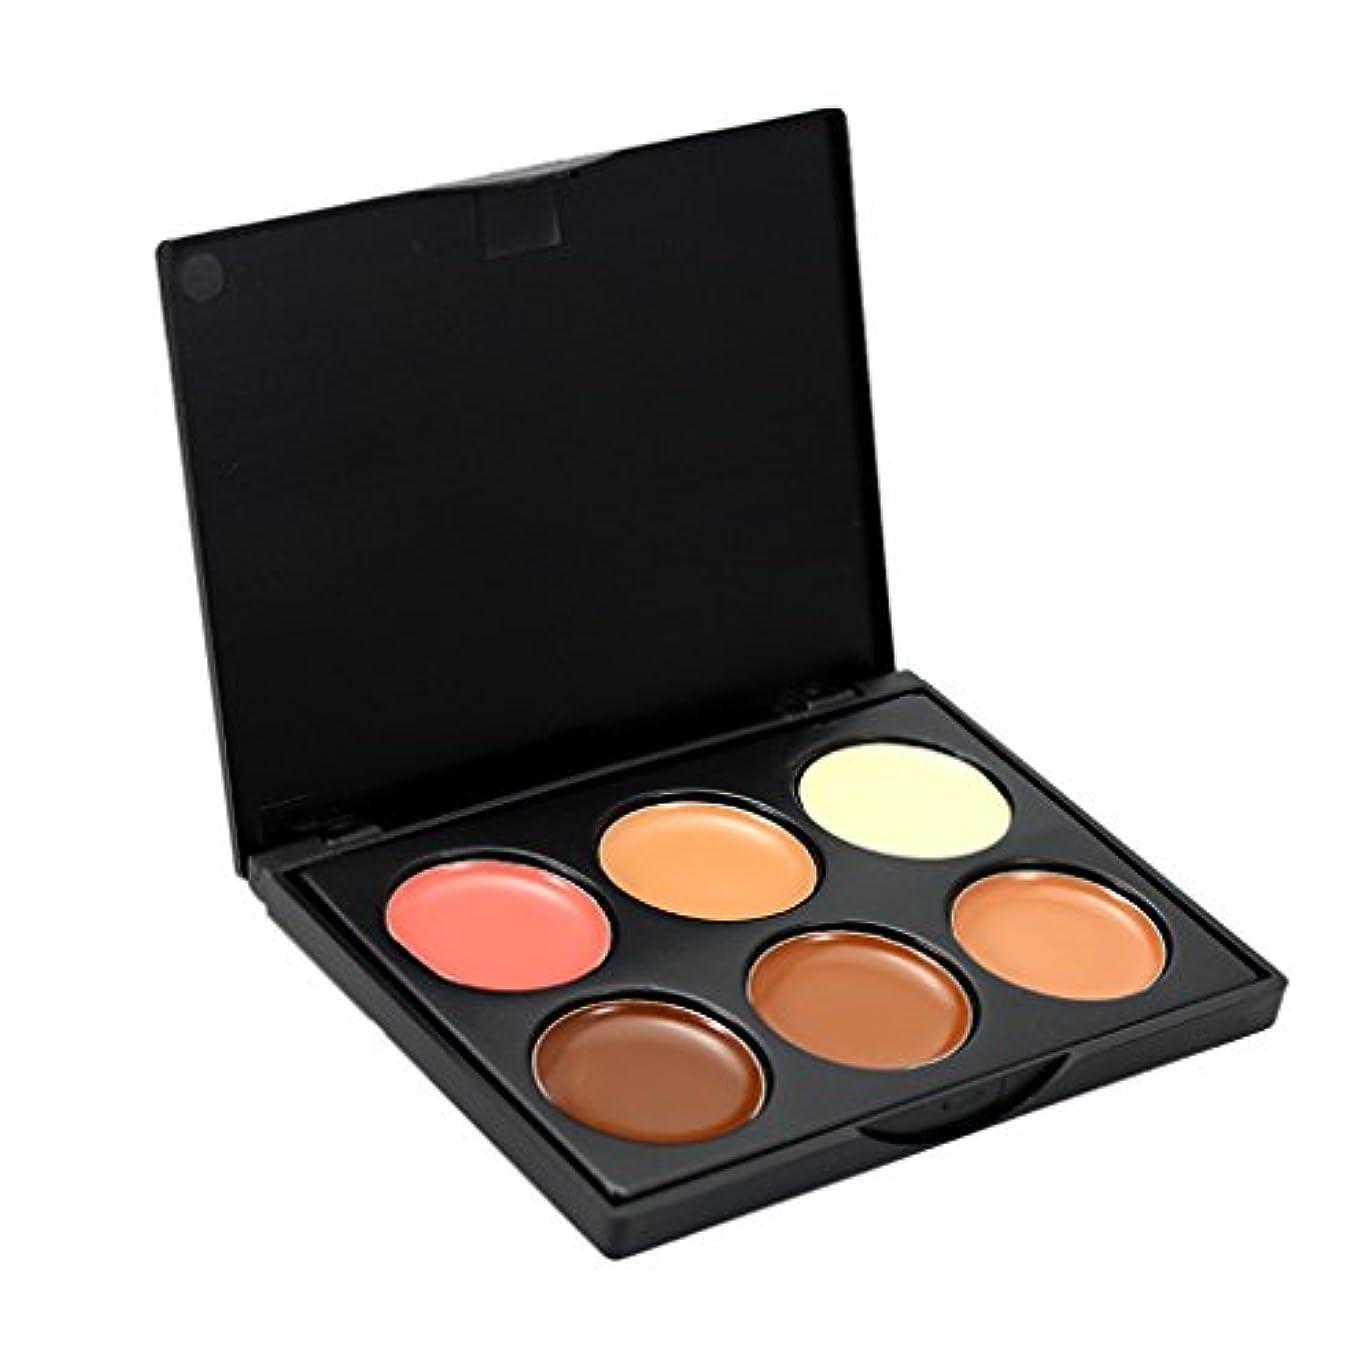 ナプキン真面目な工業用コンシーラー 6色パレット 化粧用 コンター フェイス 全3種選択可能 - #1